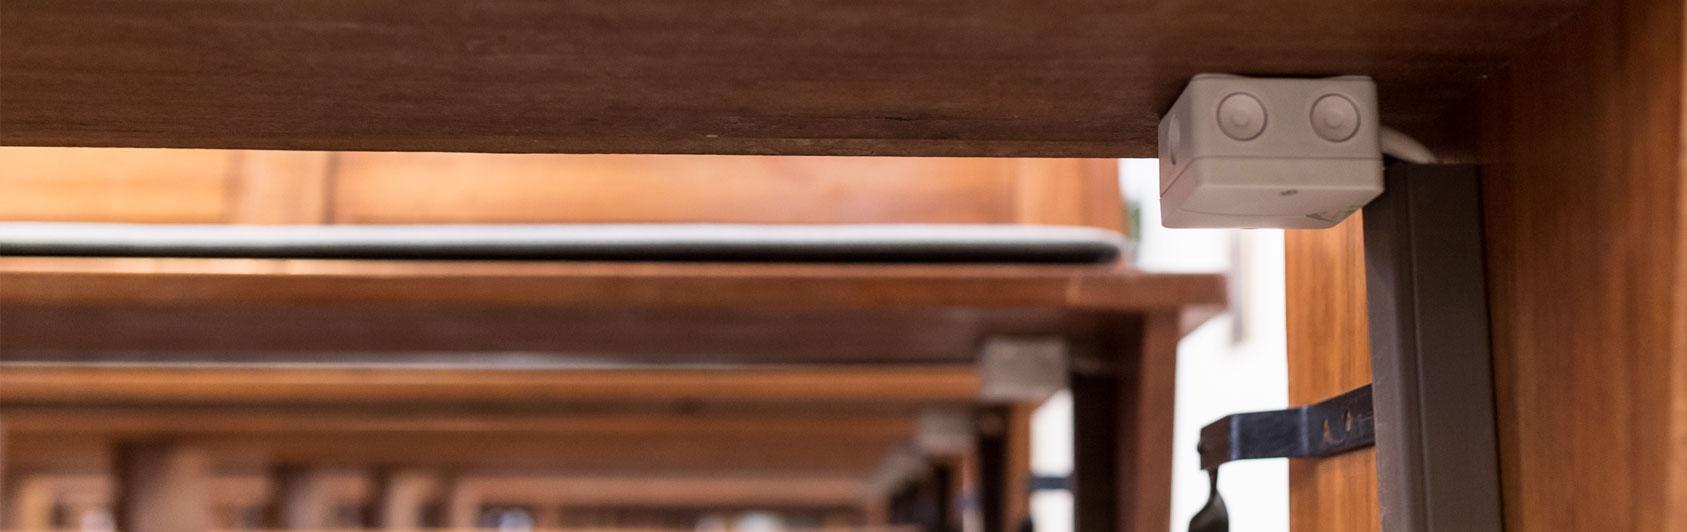 boîte à bornes coussin chauffant Thermoplush 230 Volt